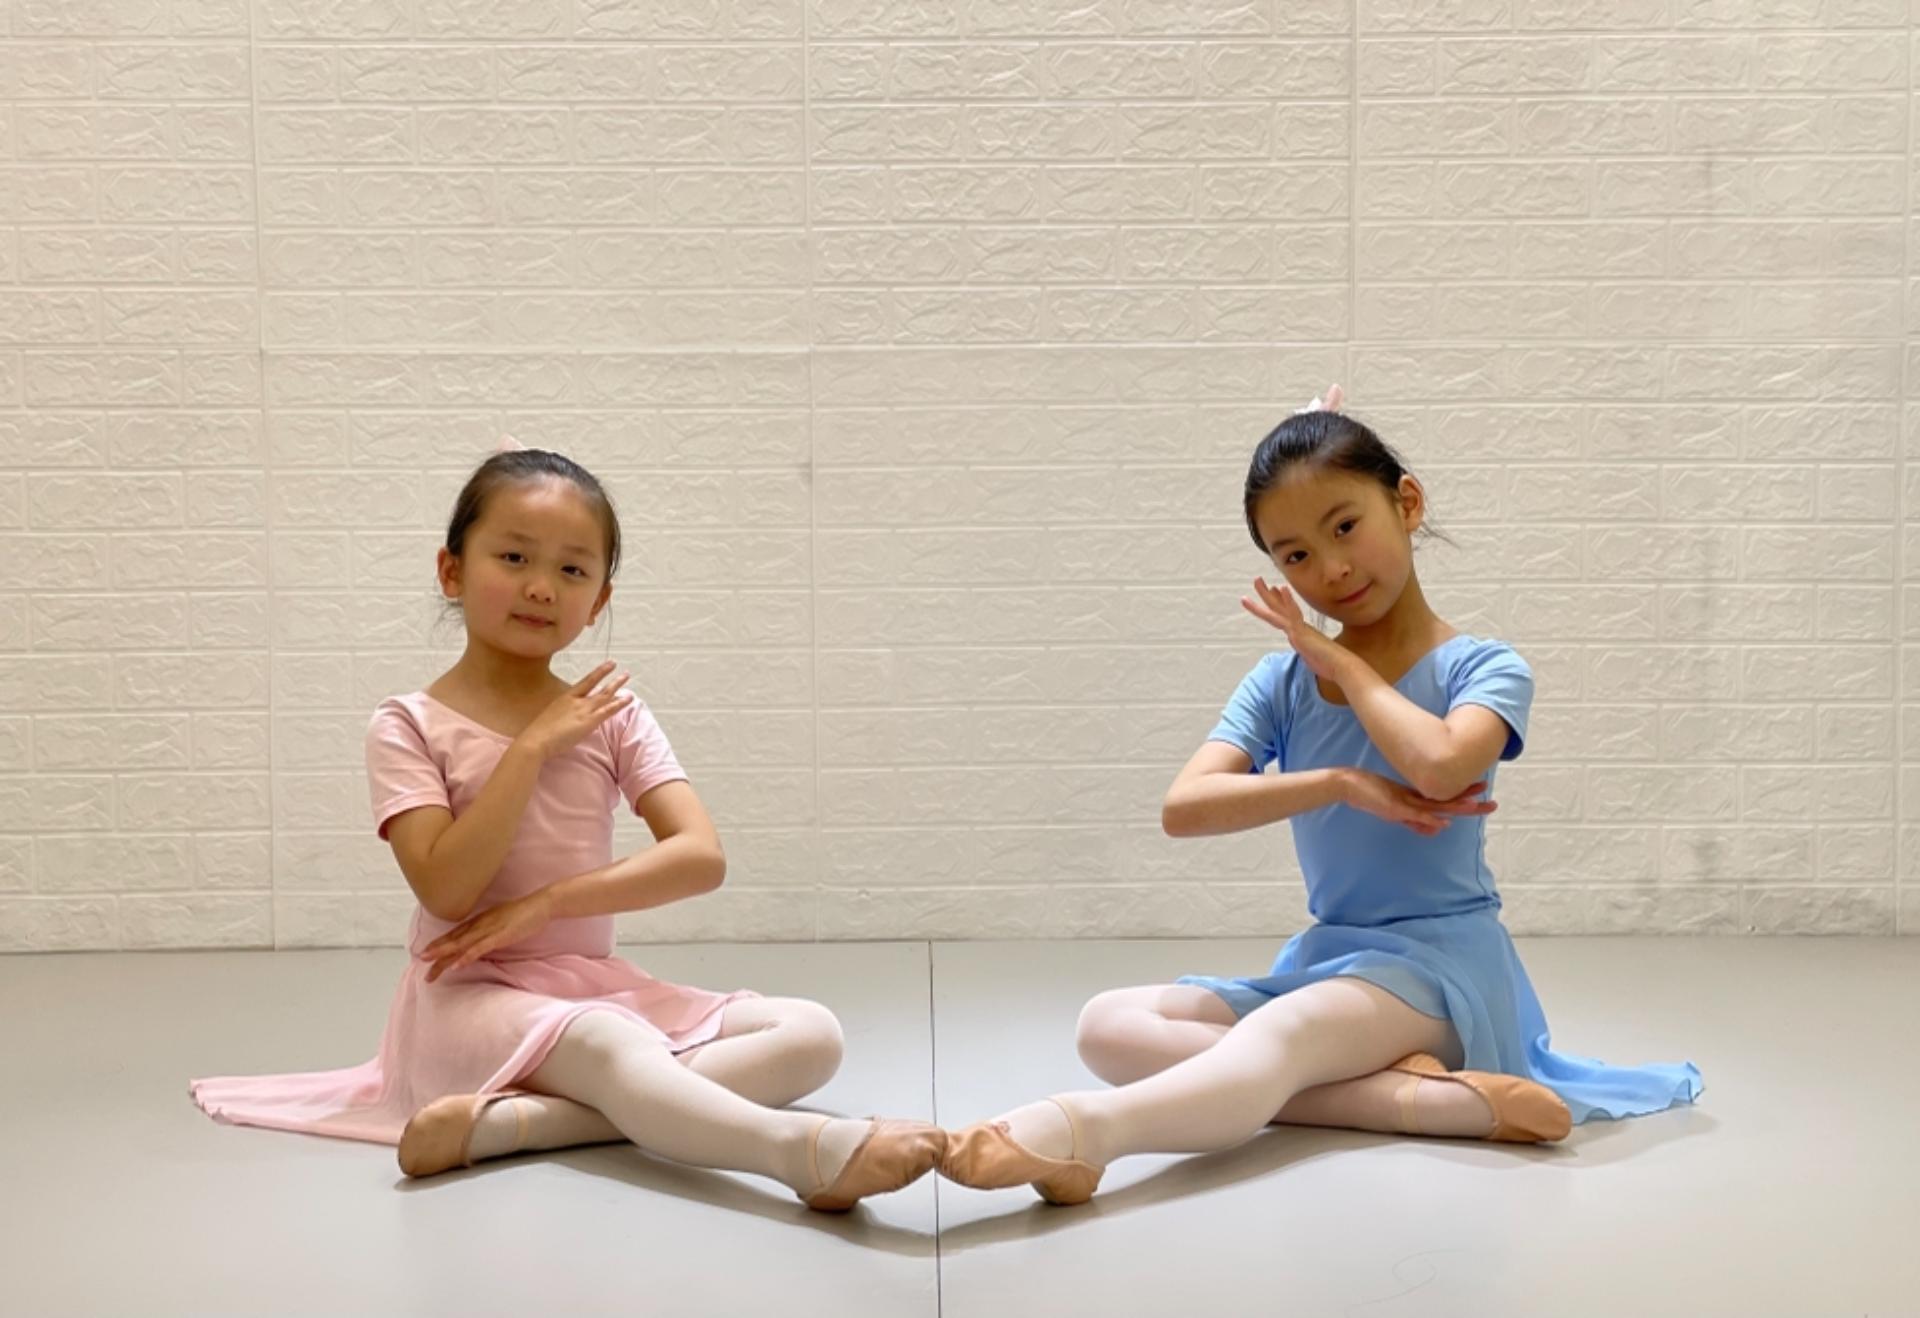 英國皇家芭蕾舞課程